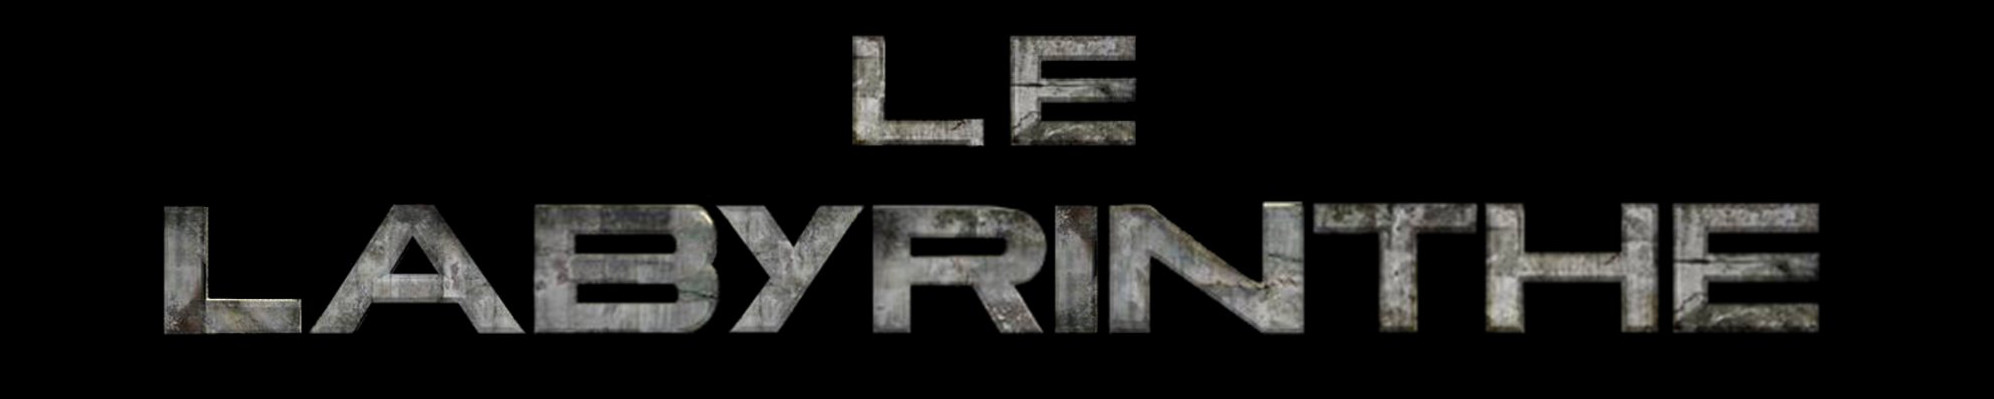 [Films] Le Labyrinthe 3 : le remède mortel Logo-french-miniature-jpg